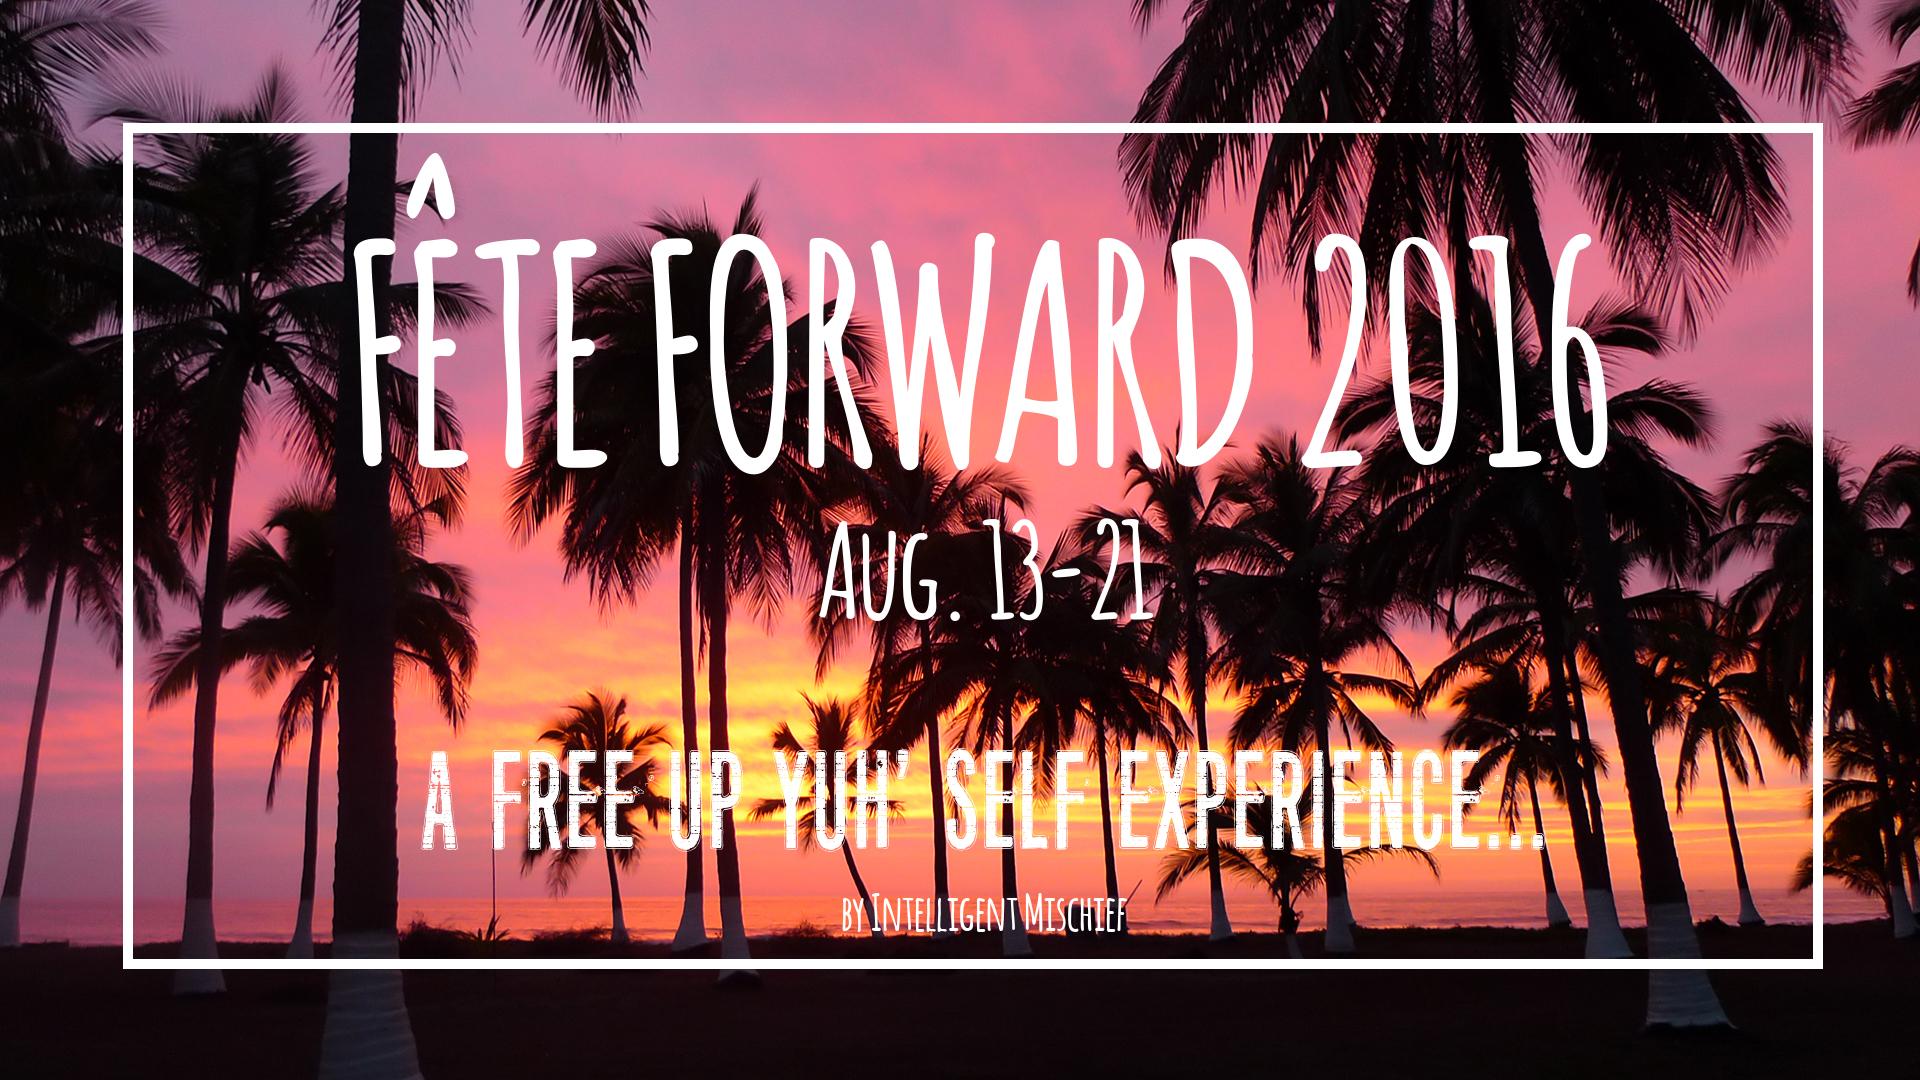 FETE FORWARD 2016